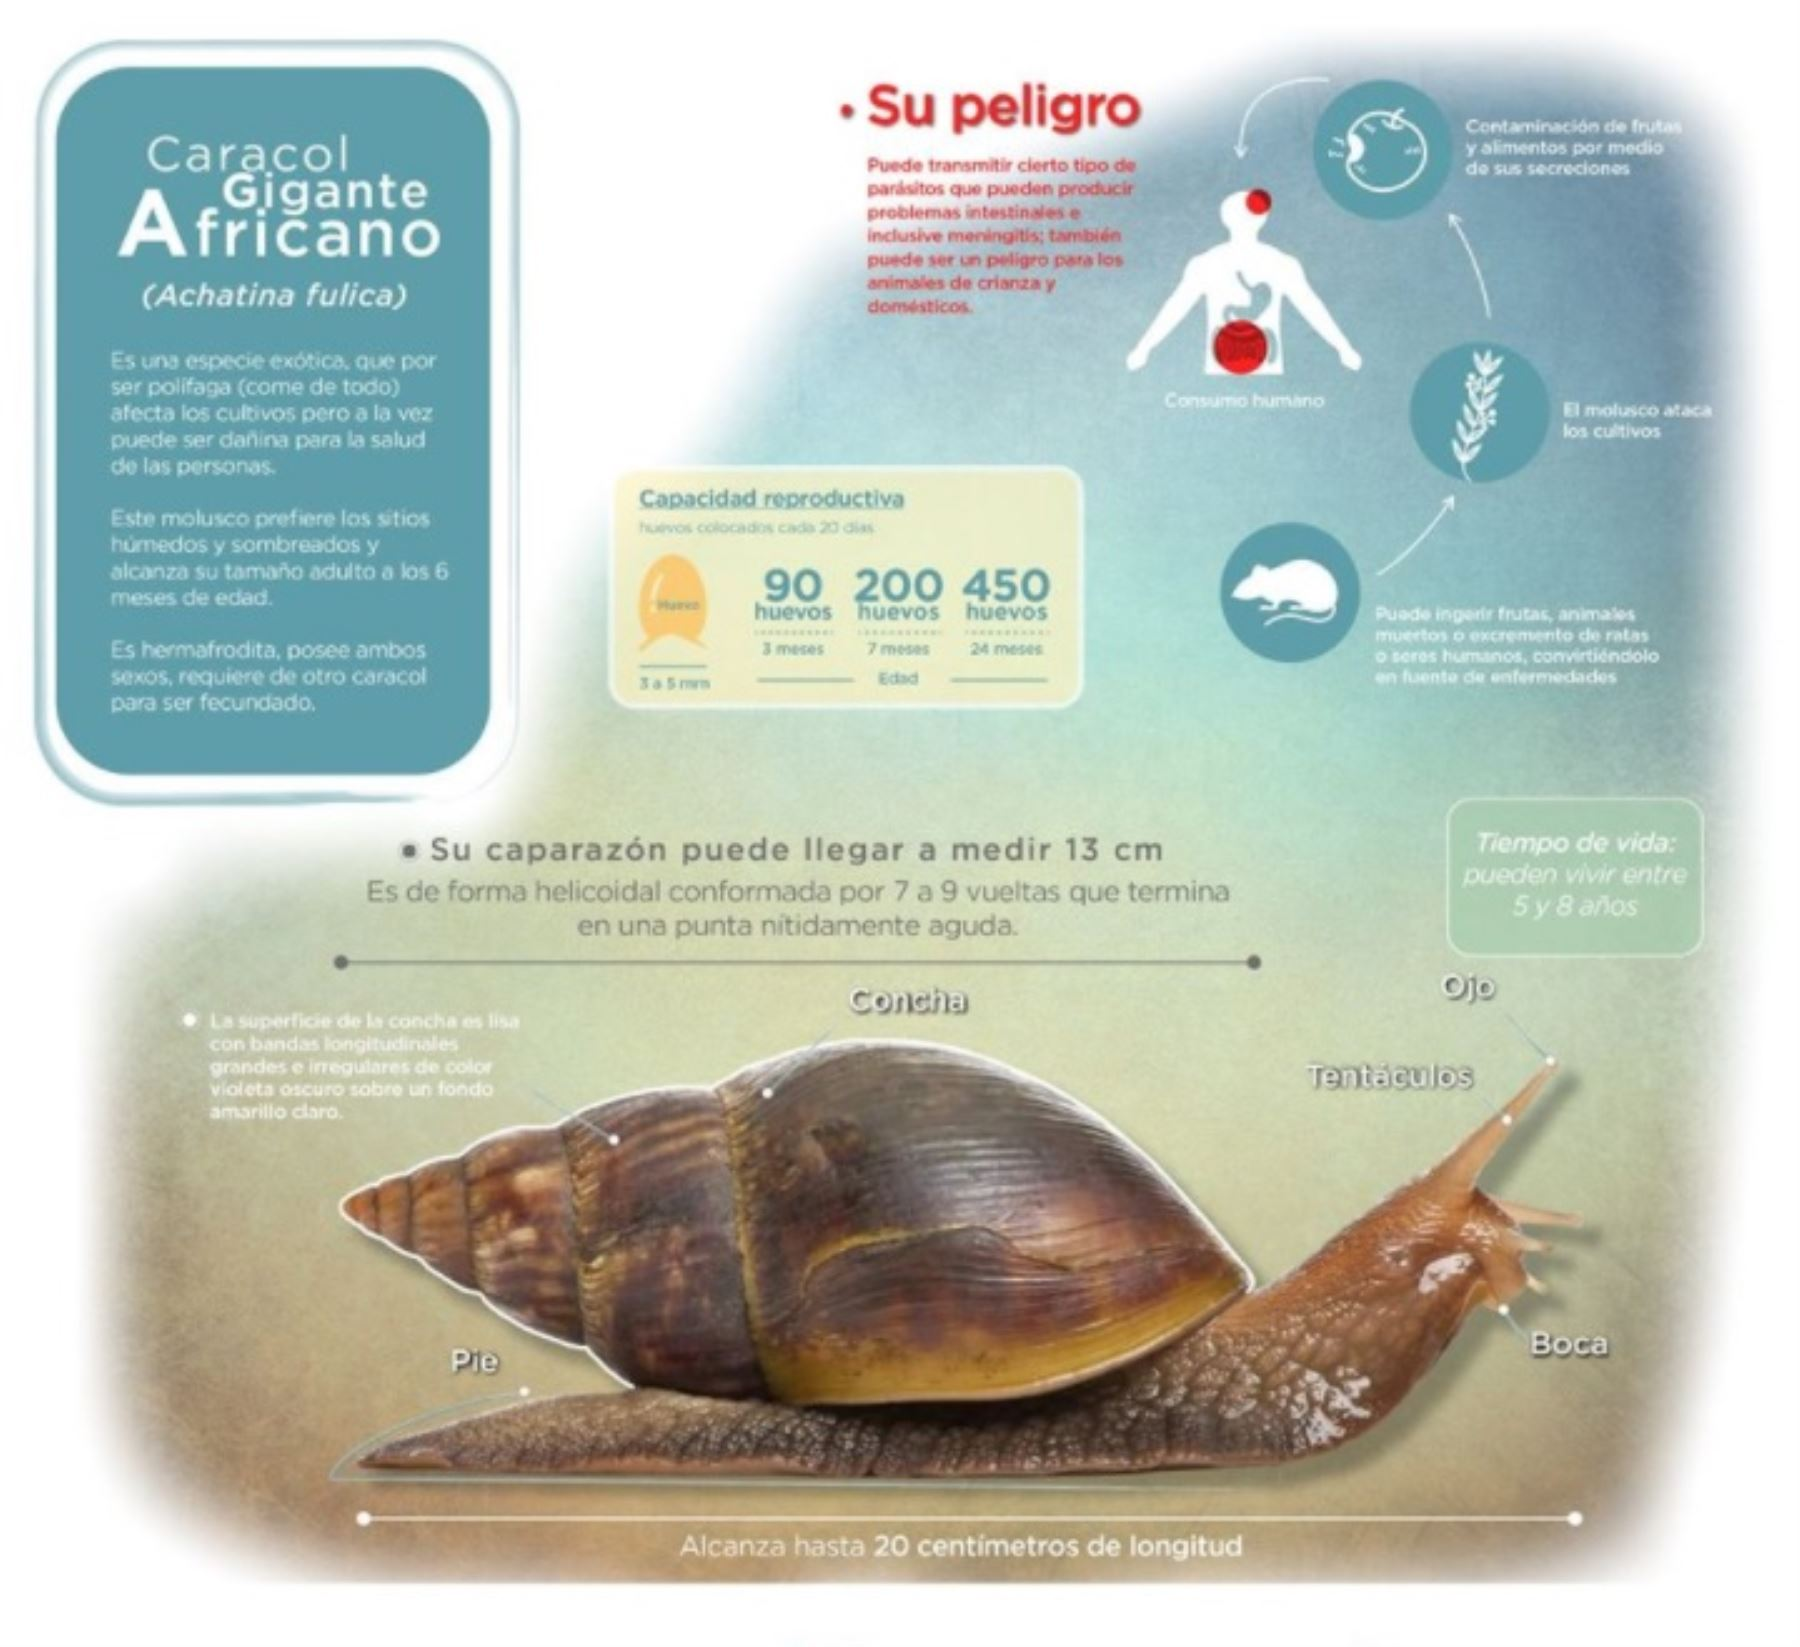 El Servicio Nacional de Sanidad Agraria (Senasa) explica características del caracol gigante africano.